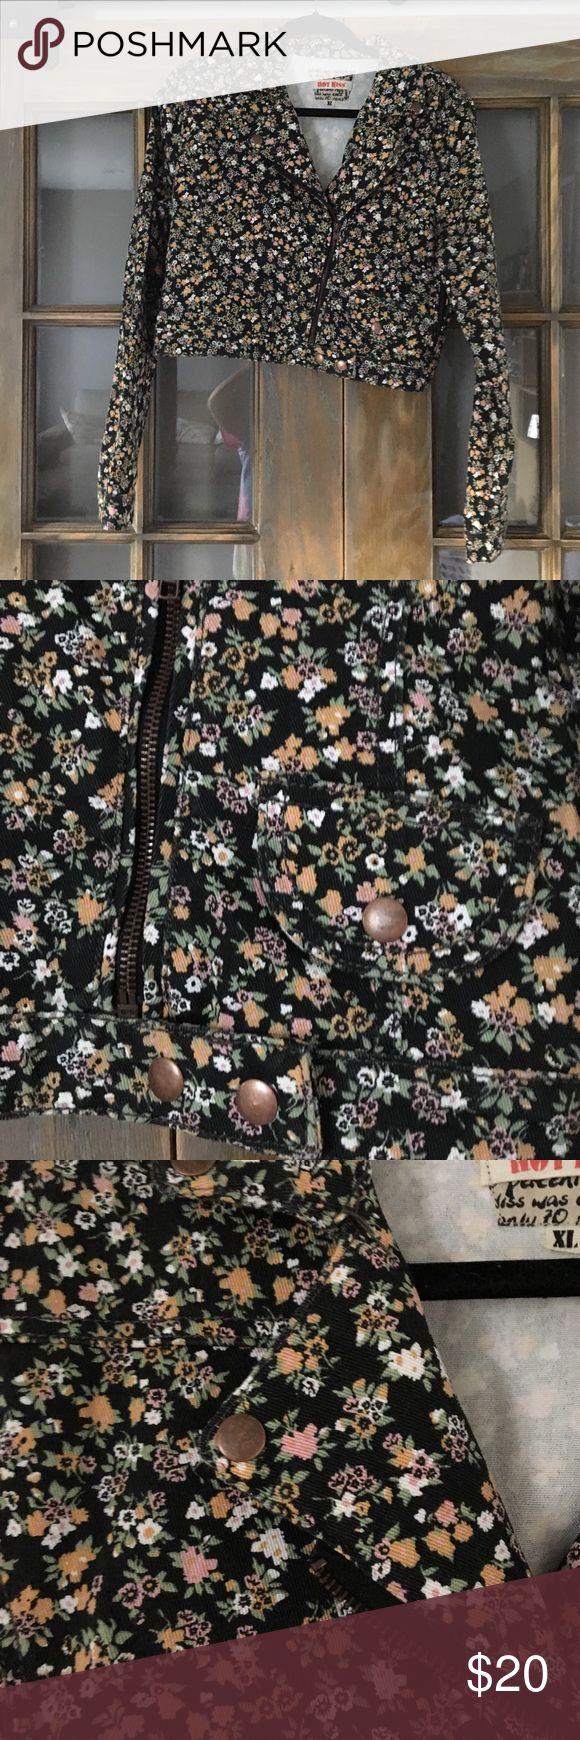 Floral Jacket Floral beschnittene Motorradjacke Passt gut, ein bisschen Stretch dazu …   – My Posh Picks